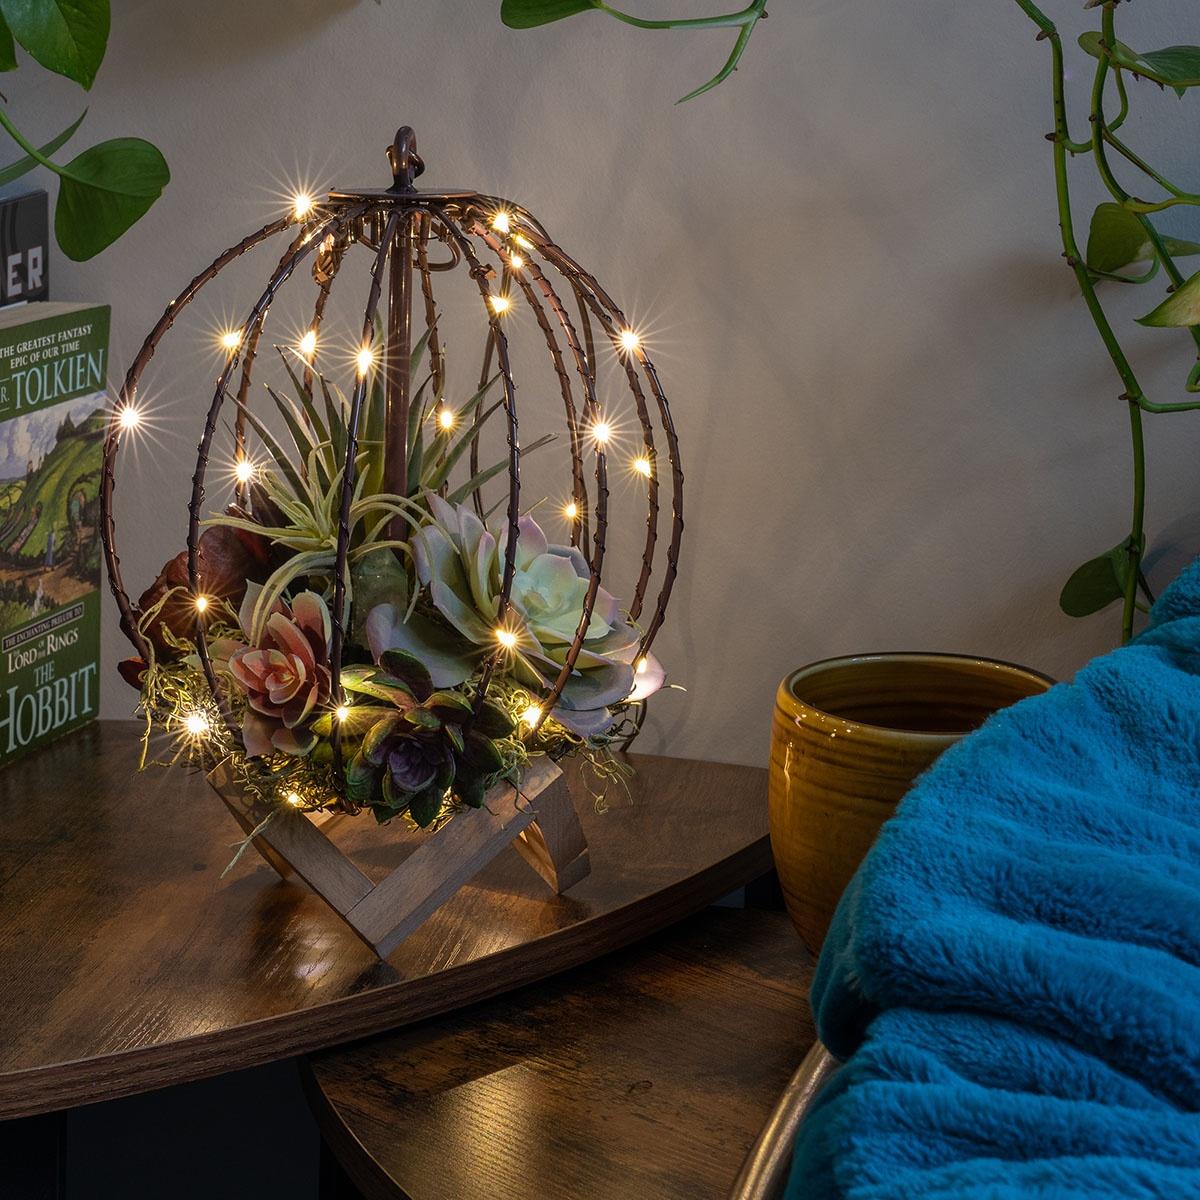 DIY Terrarium Light Ball Project